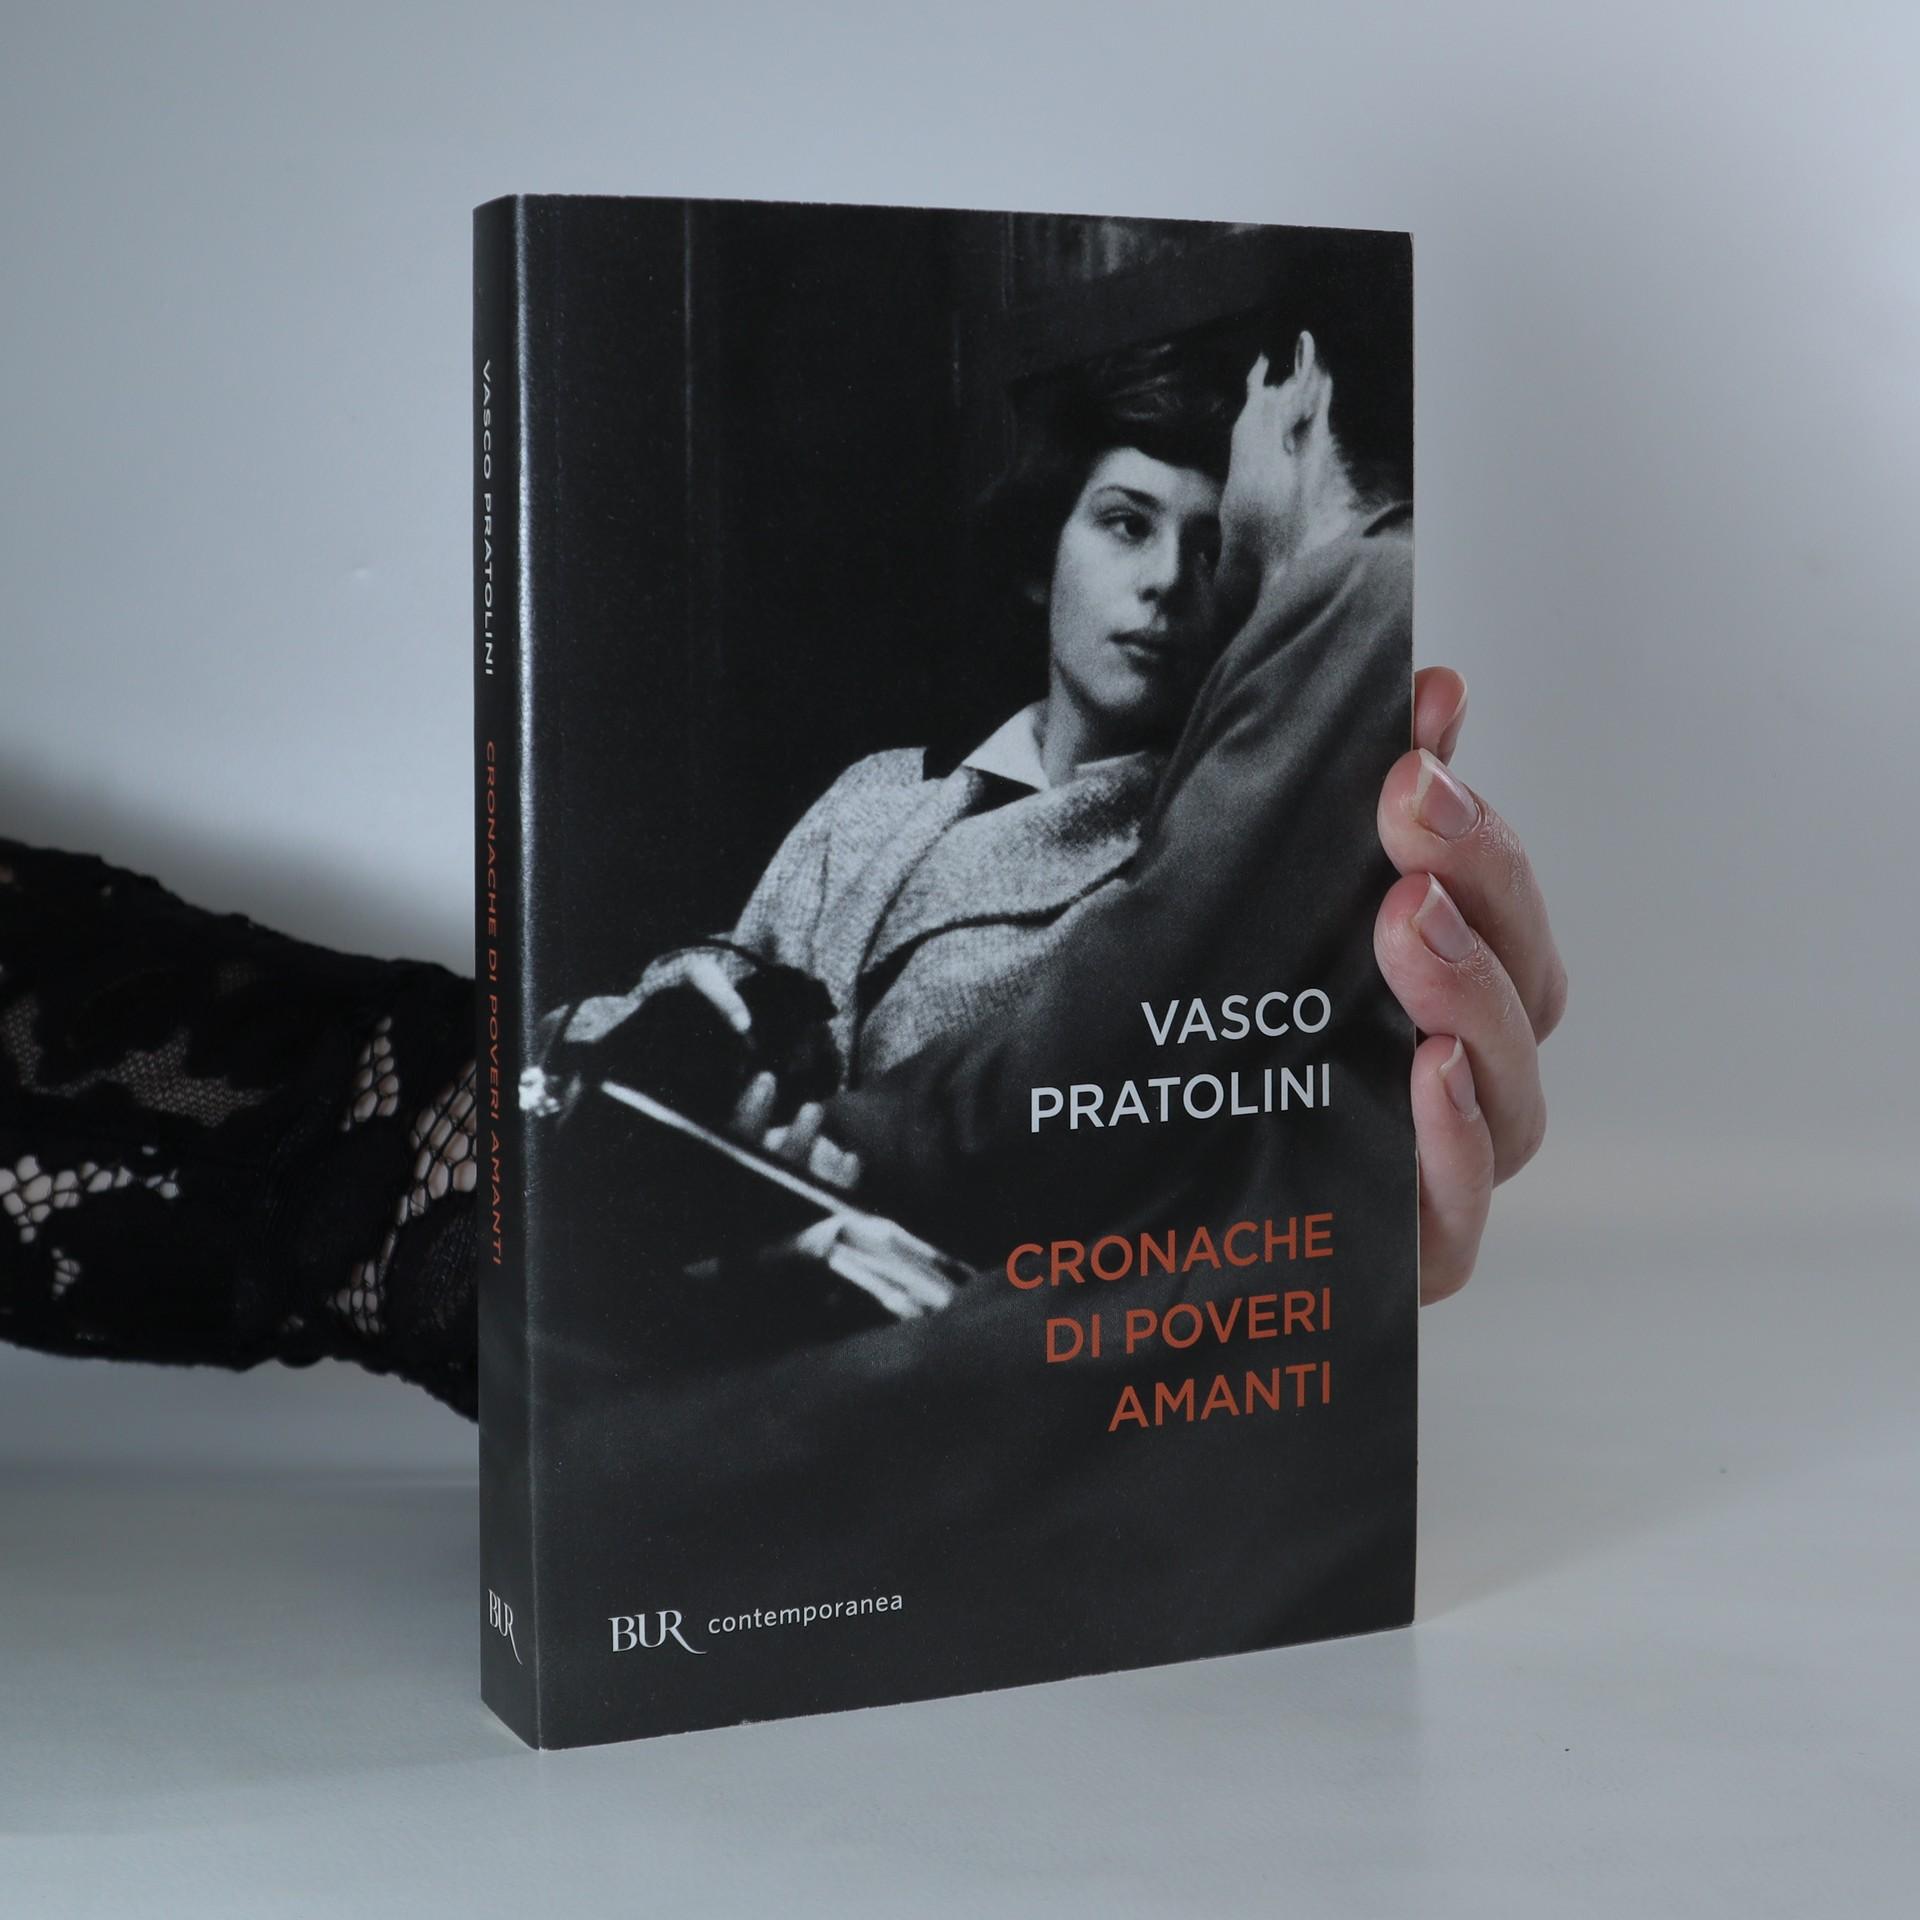 antikvární kniha Cronache di poveri amanti, 2016